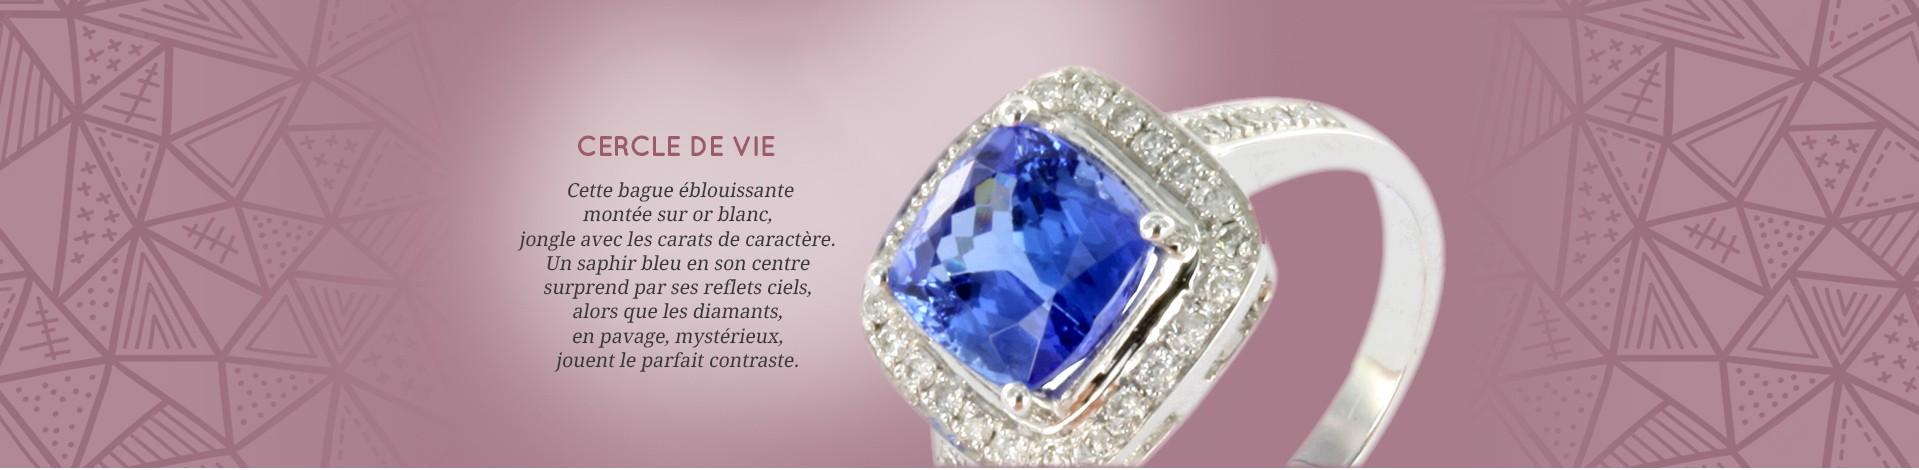 Cette bague éblouissante montée sur argent, jongle avec les carats de caractère. Un saphir bleu en son centre surprend par ses reflets ciels, alors que les diamants, en pavage, mystérieux, jouent le parfait contraste.